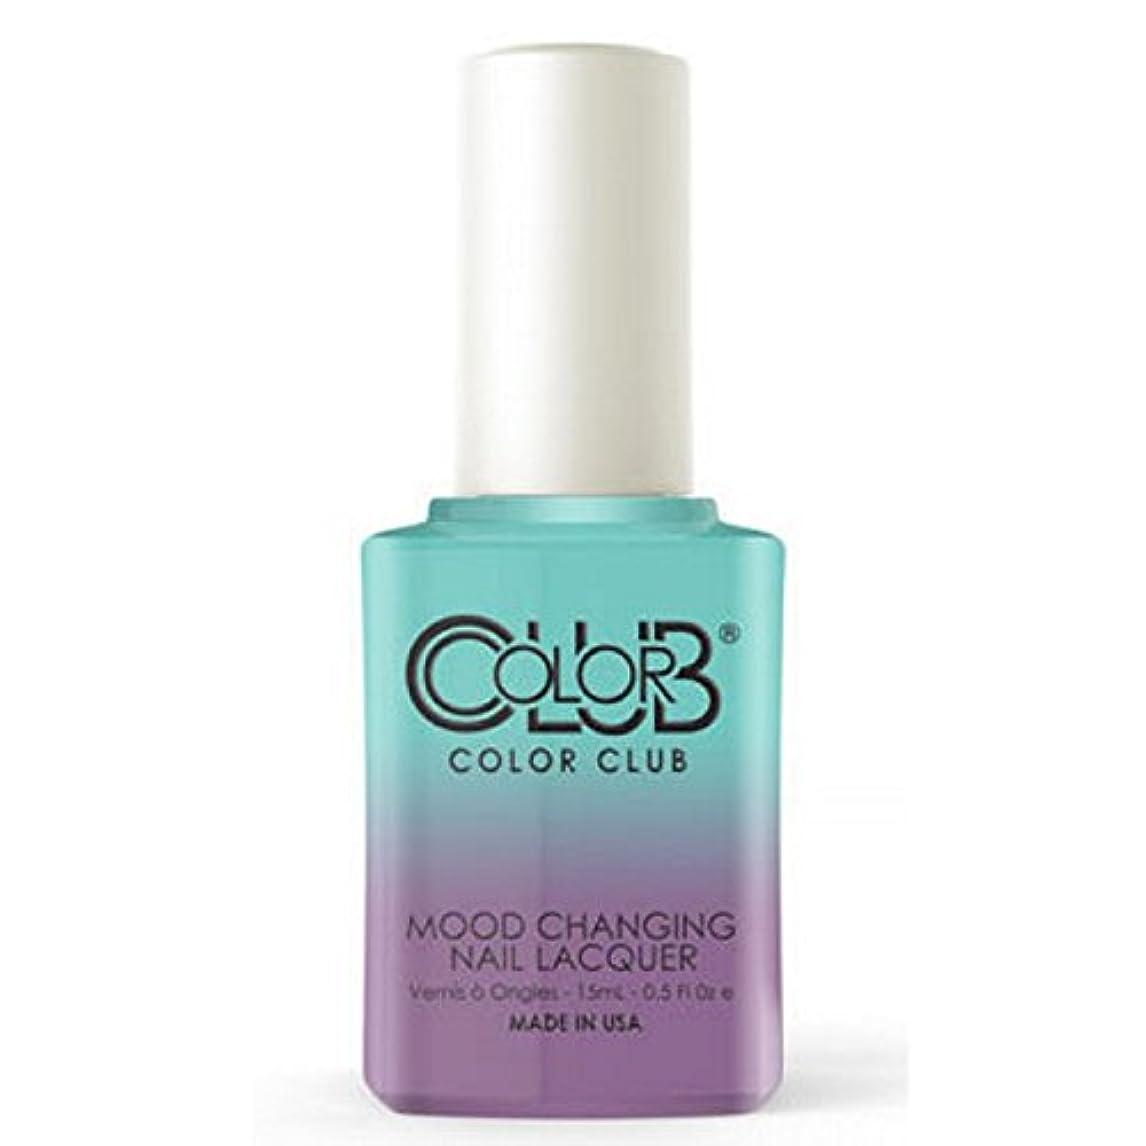 遊びますヒゲクジラアルコーブColor Club Mood Changing Nail Lacquer - Serene Green - 15 mL / 0.5 fl oz